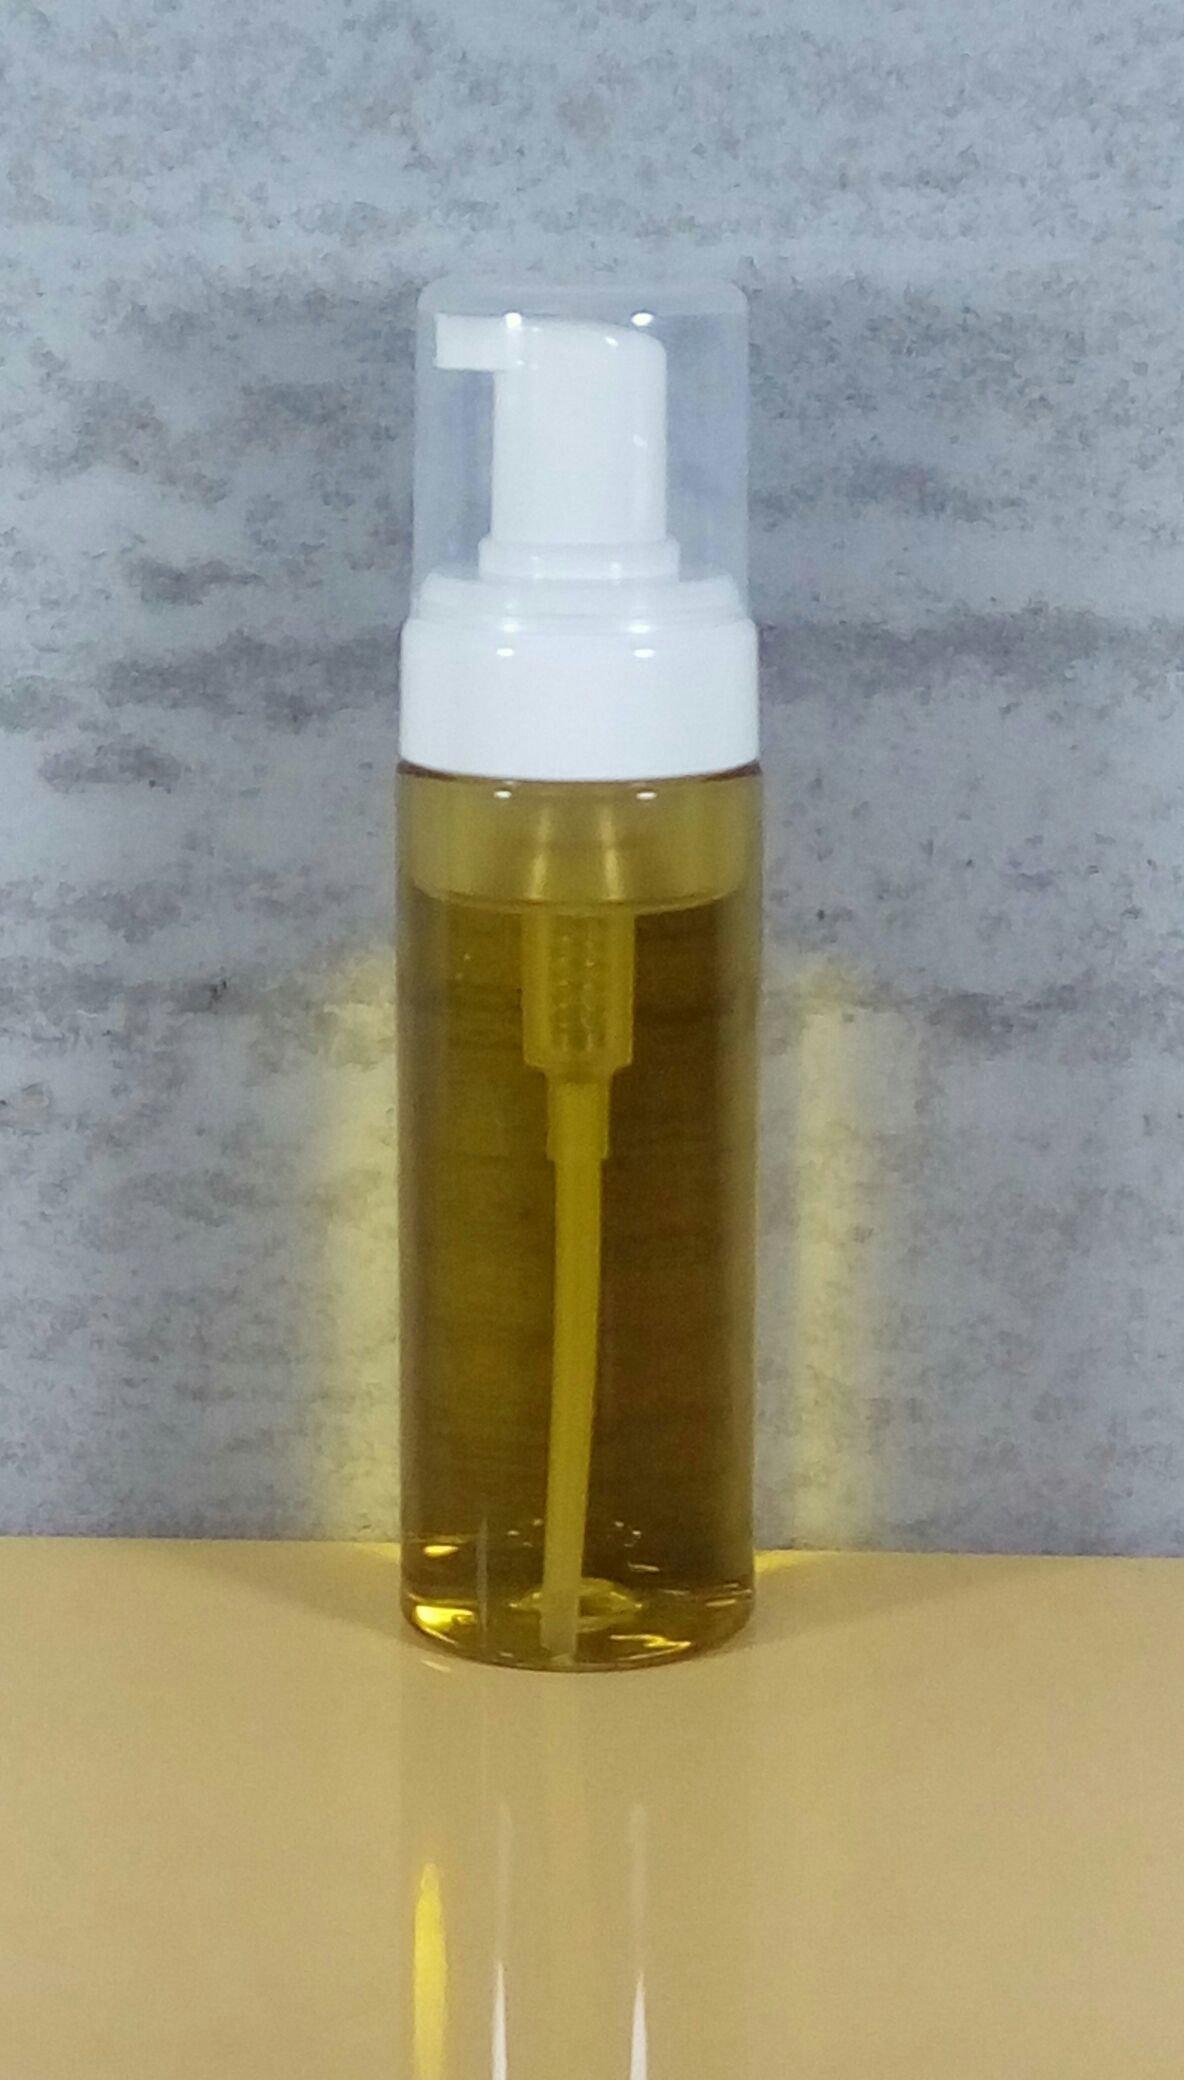 冷壓橄欖油馬賽皂慕斯 180ml泡沫瓶 皂 液體皂 鉀皂 椰子油 保濕甘油 天然 沐浴 洗顏 清爽 滋潤 綿密 羅東肥皂